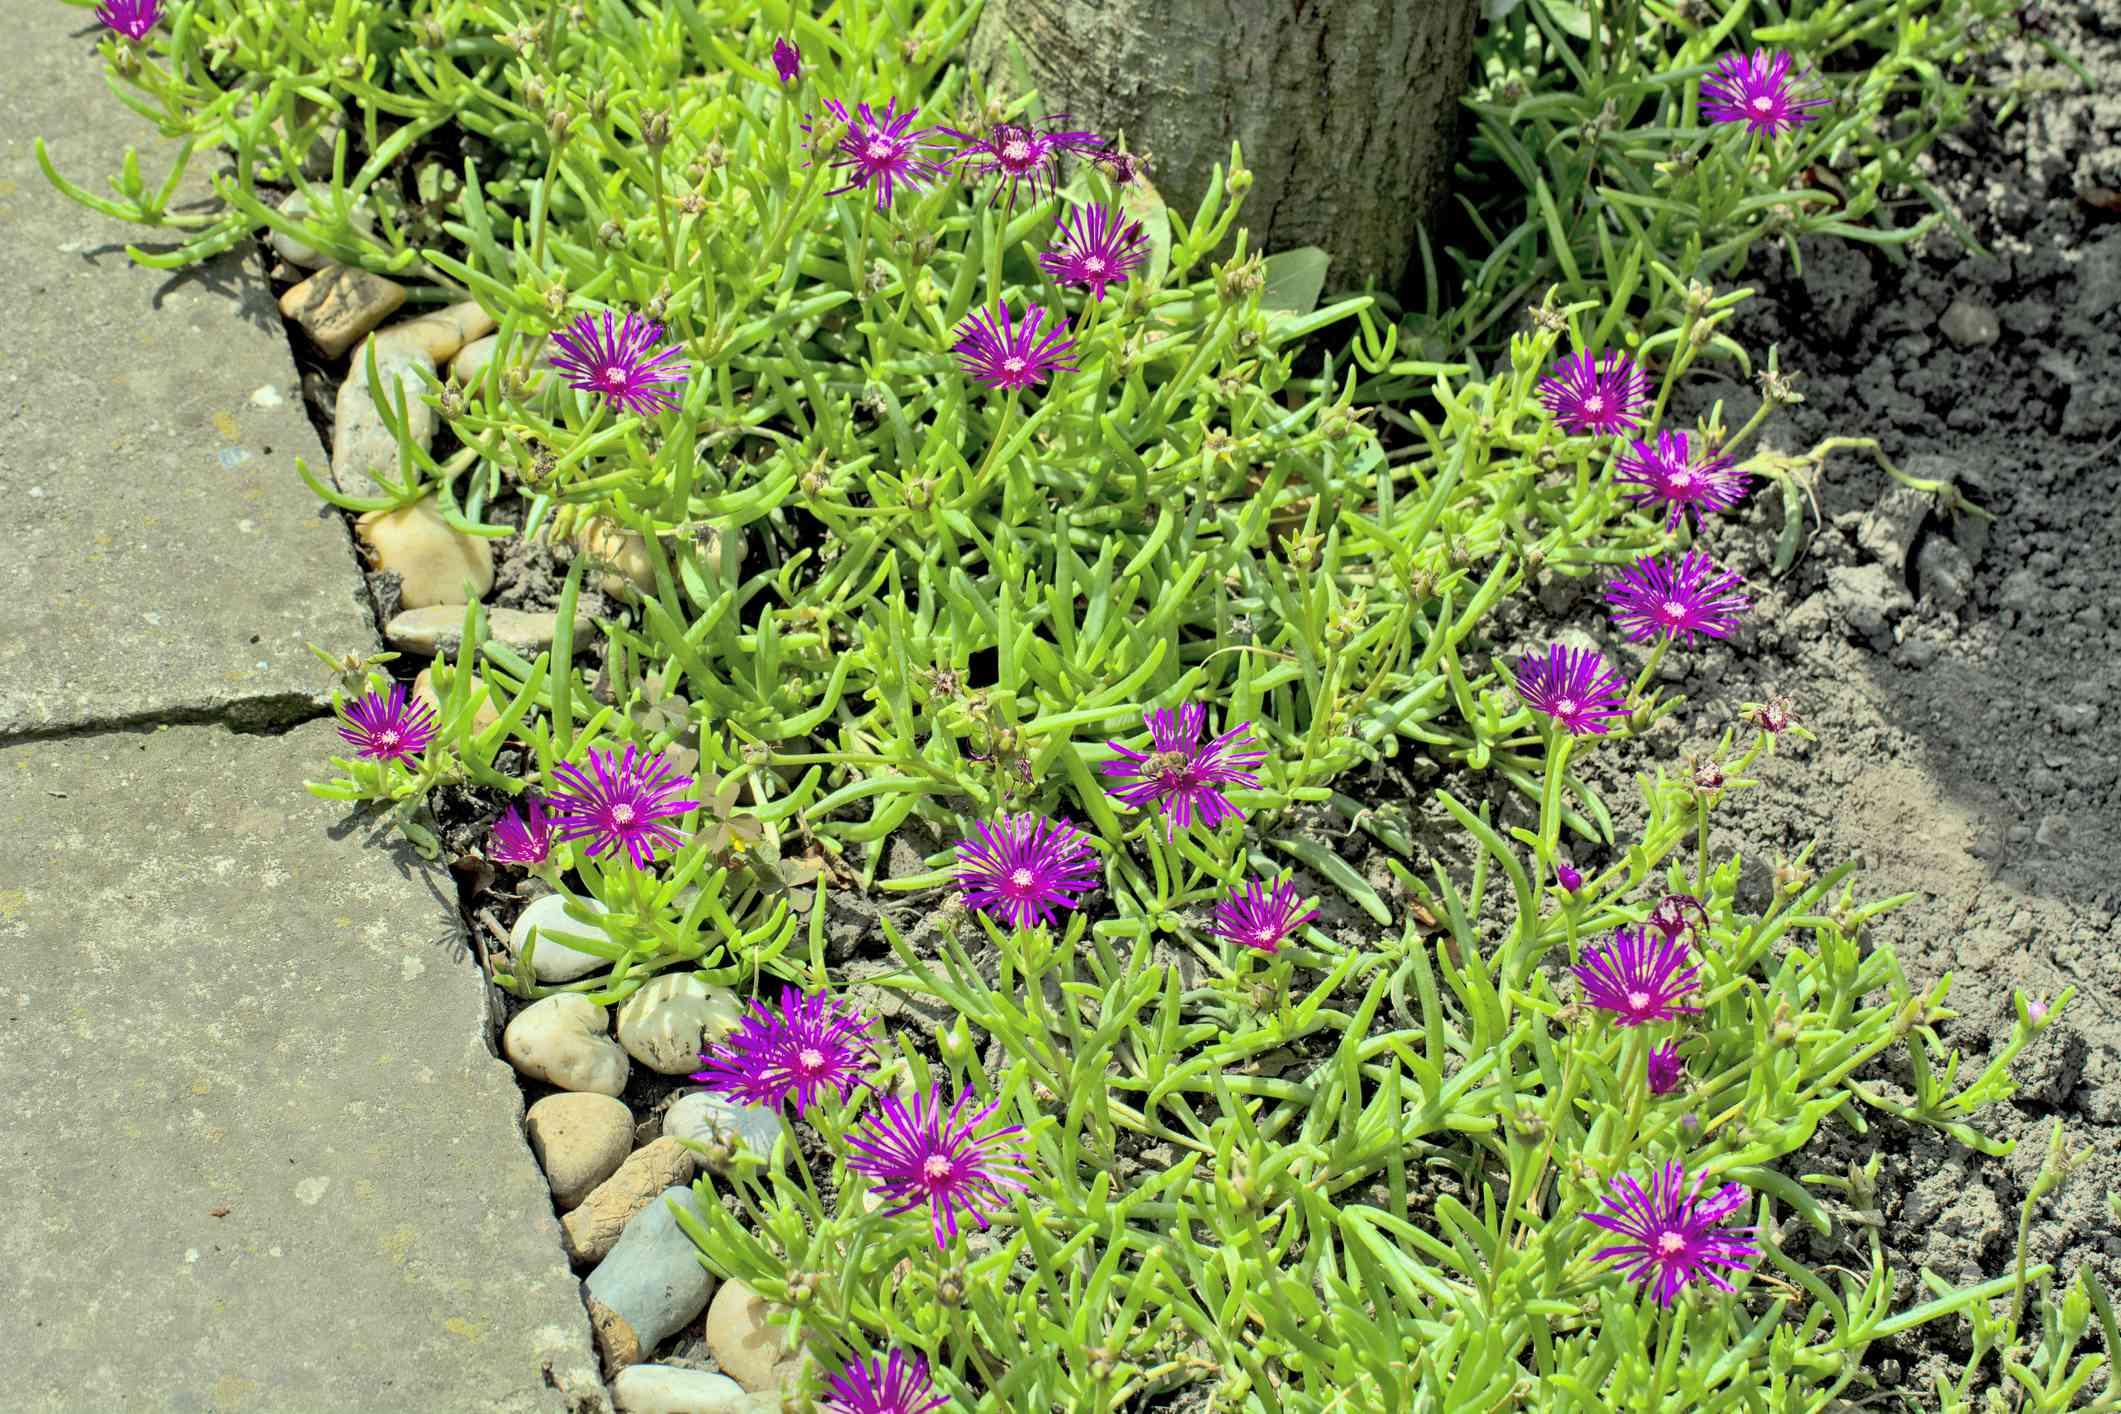 Ice flowers - Delosperma cooperi